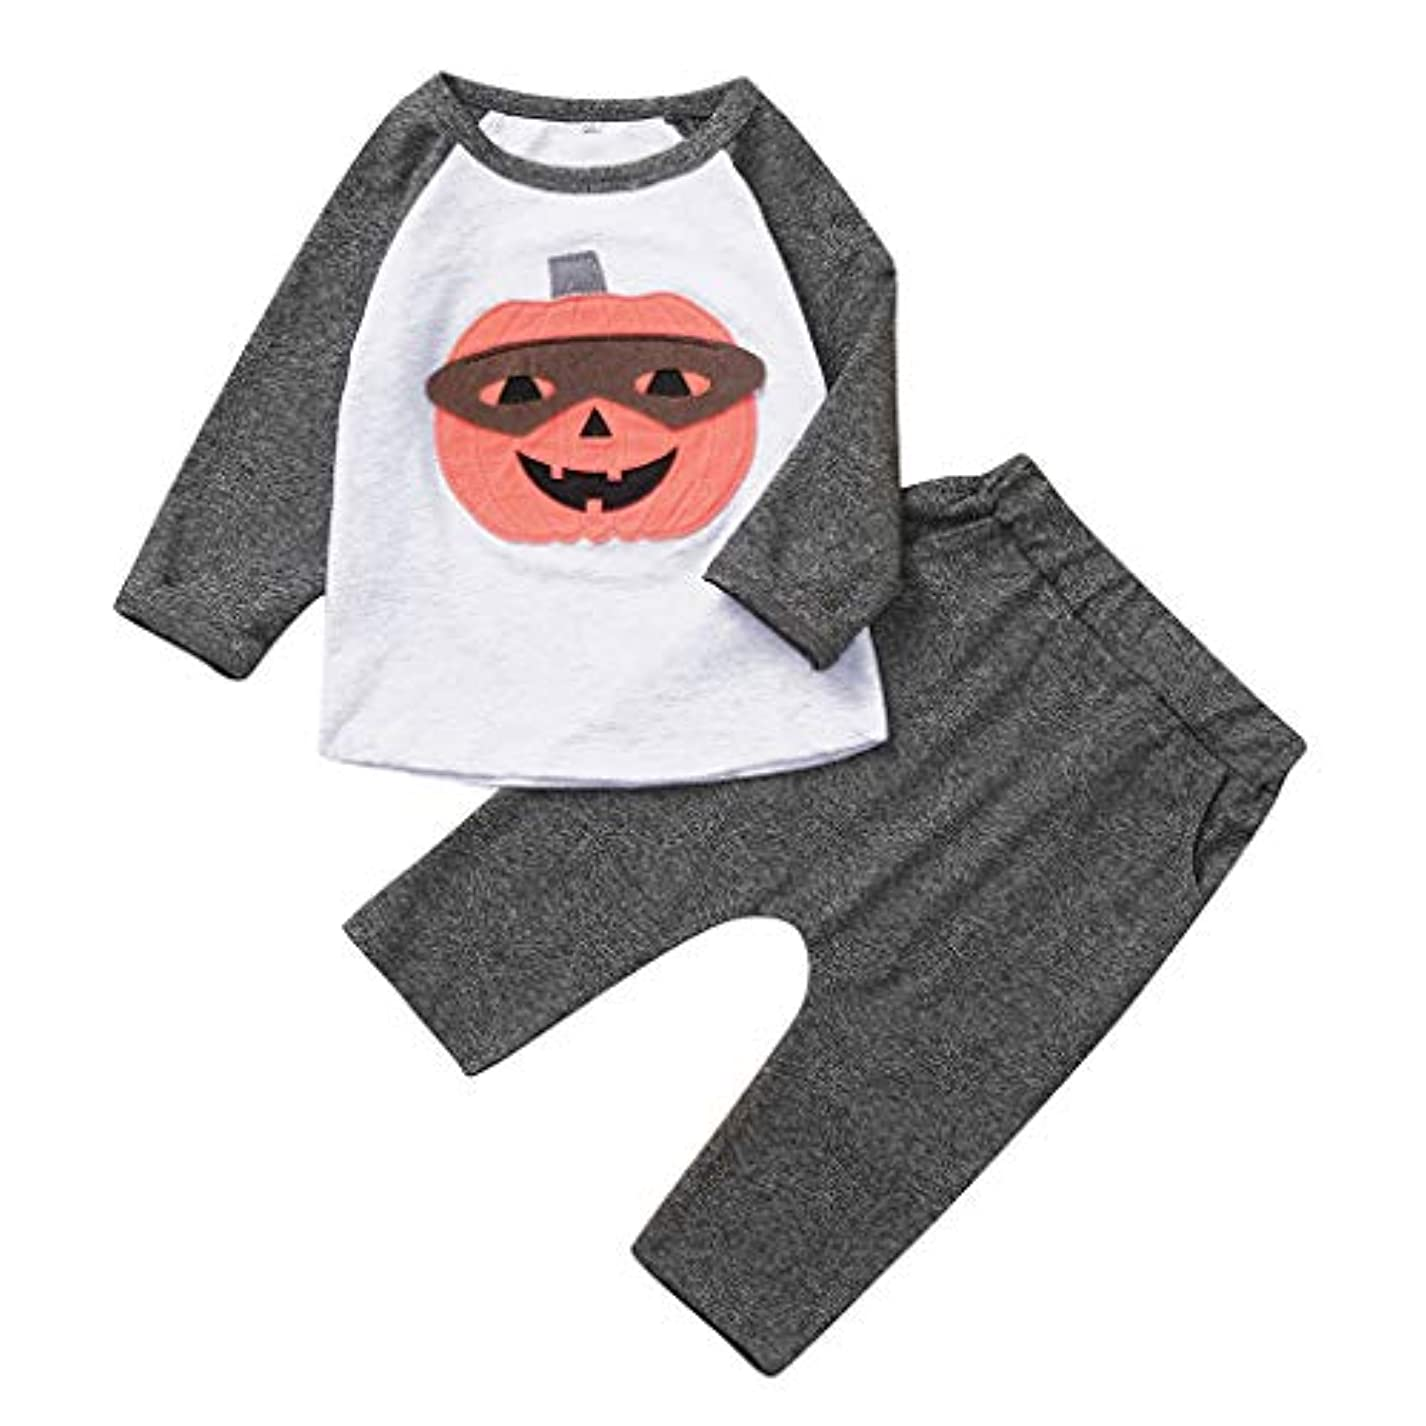 次所有者荒野MISFIY ハロウィーン キッズ 子供 新生児 ベビー服 上下セット かぼちゃ パジャマ 肌着 かわいい 柔らかい 誕生記念 出産祝い 寝相アート